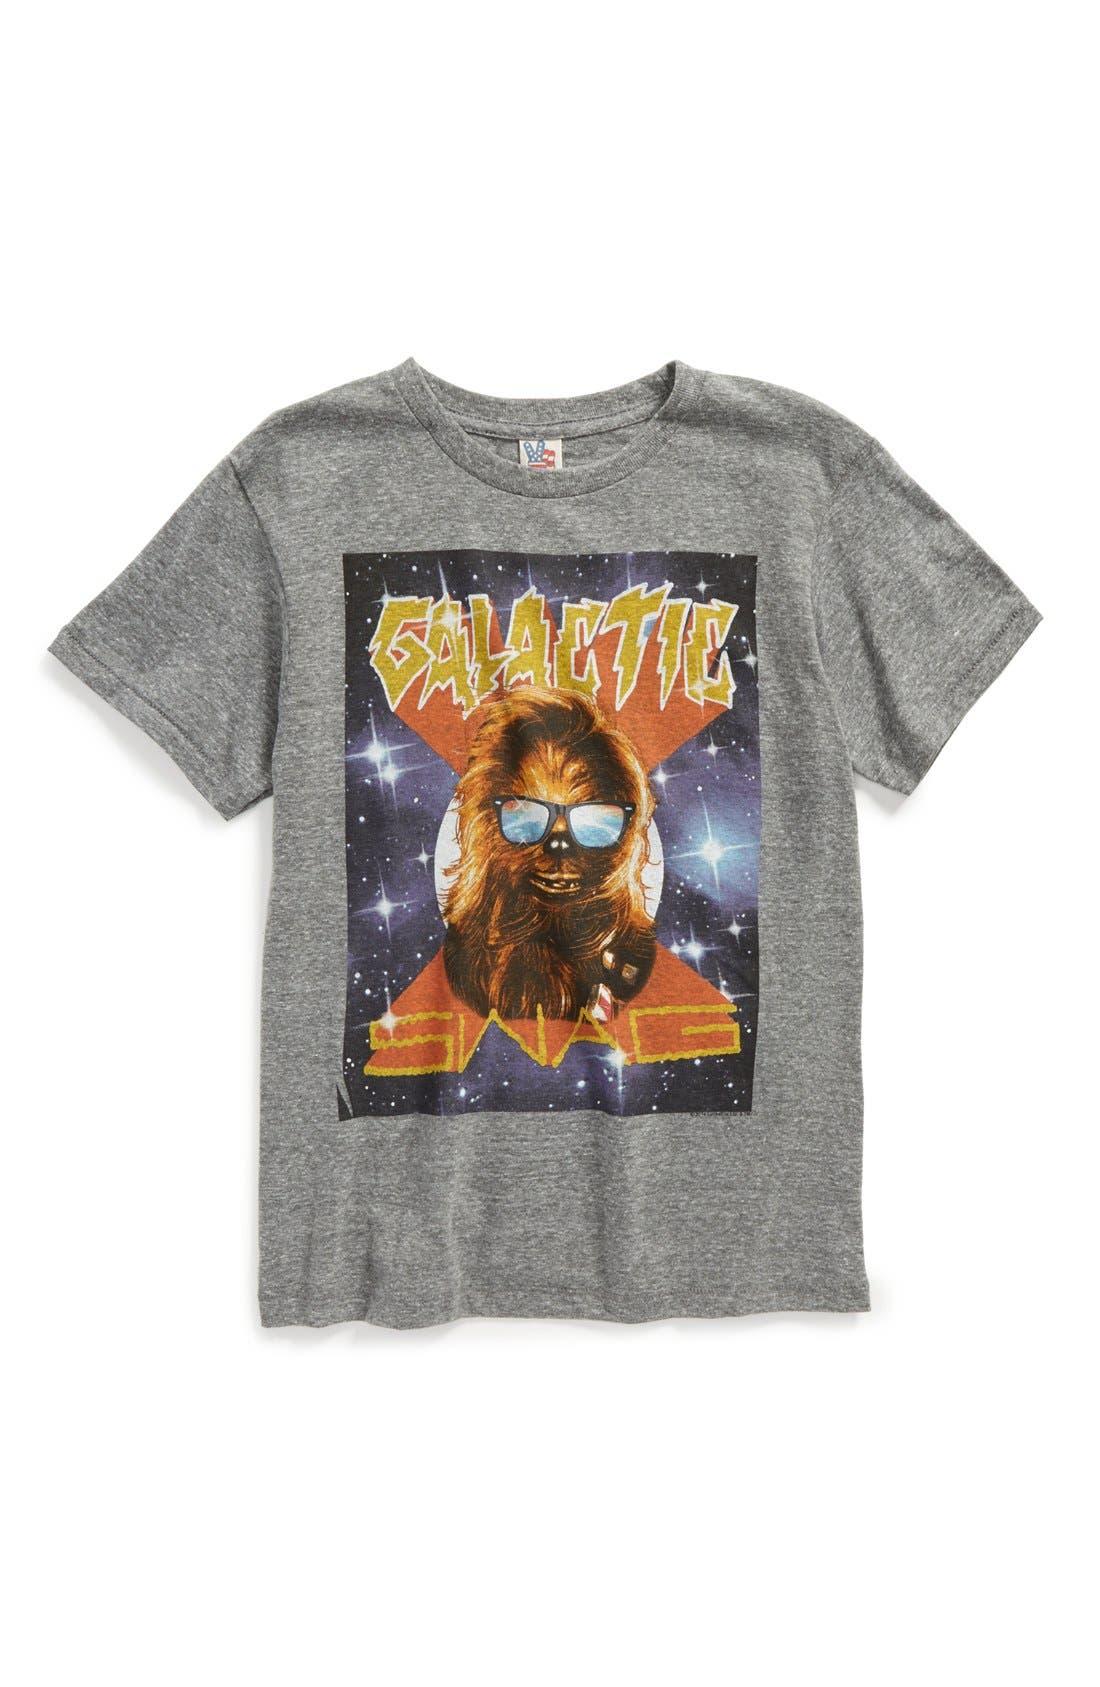 'Star Wars<sup>™</sup> - Galactic Swag' Graphic T-Shirt,                             Main thumbnail 1, color,                             031